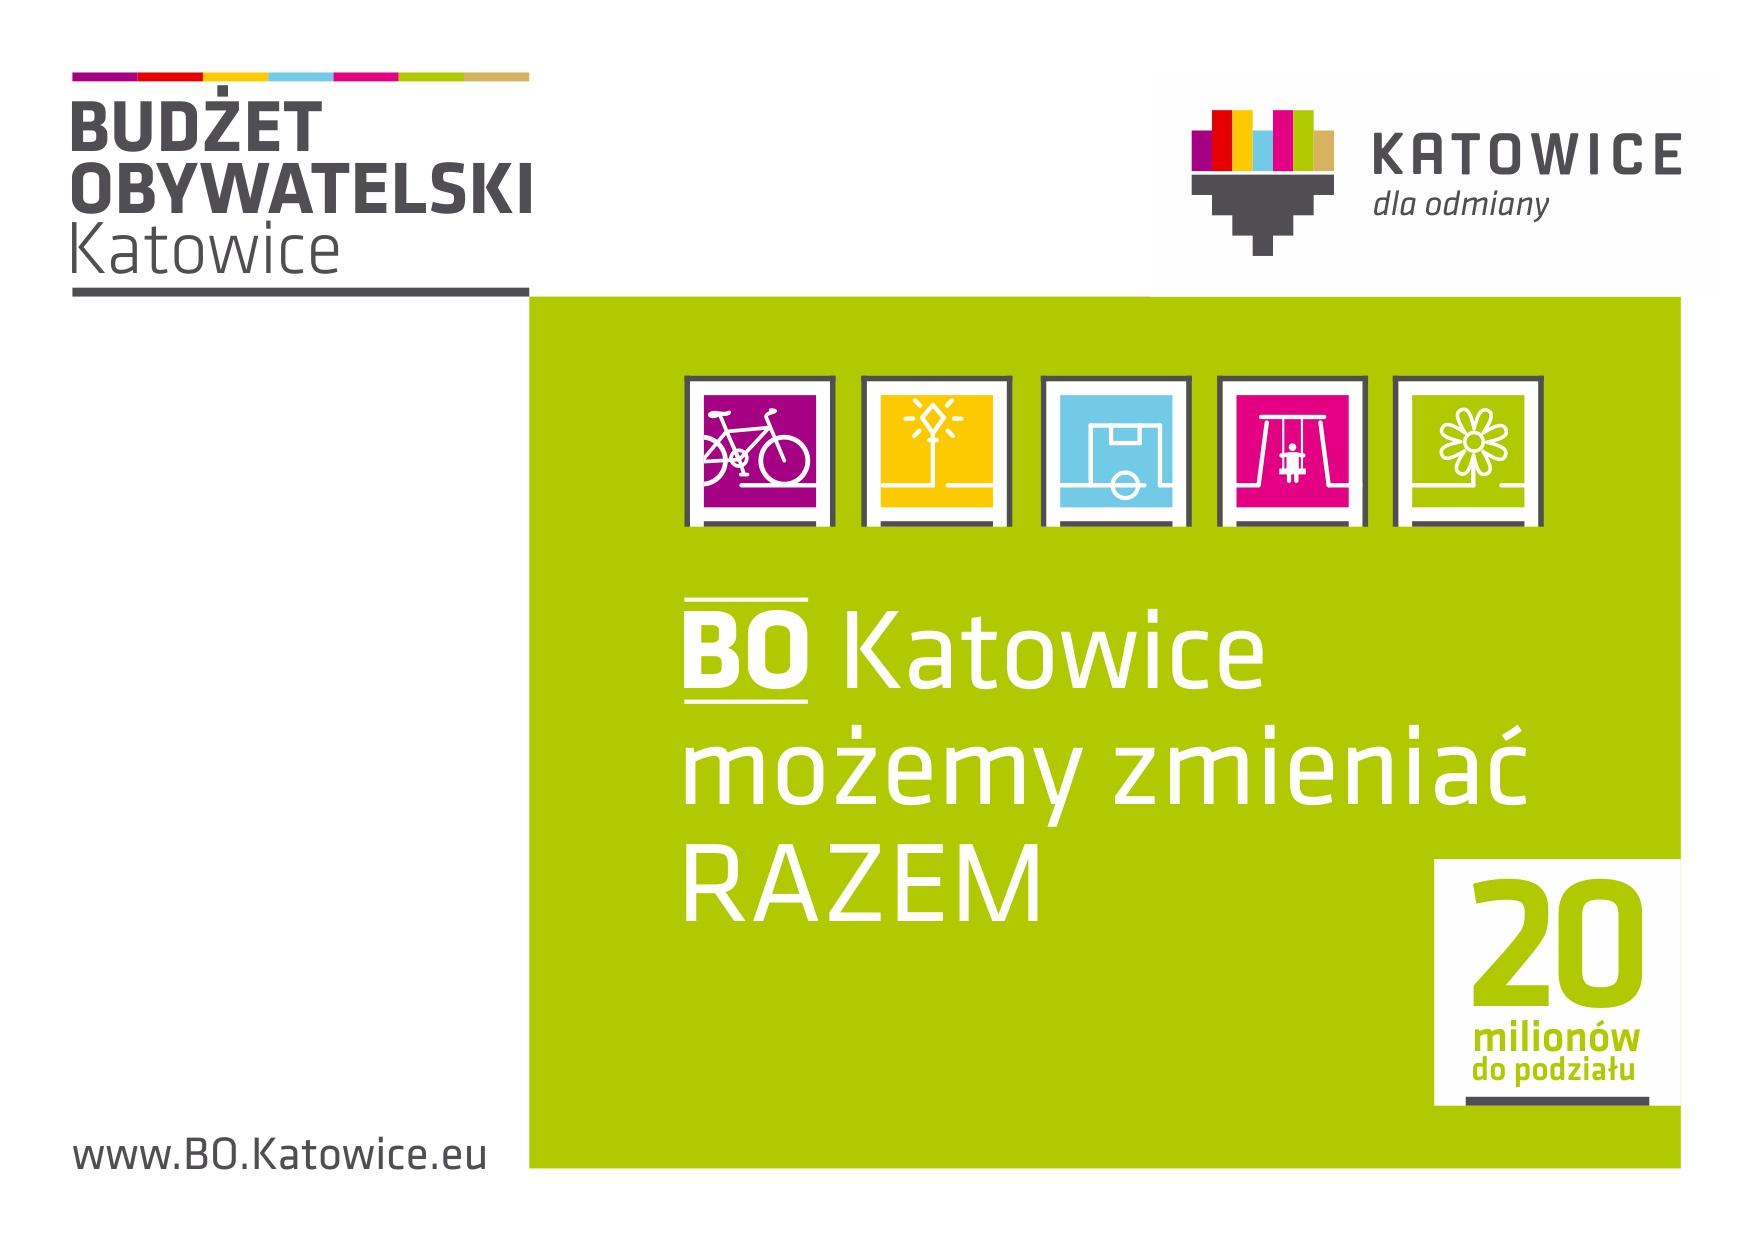 Wyniki weryfikacji projektów zgłoszonych do Budżetu Obywatelskiego Katowice 2016